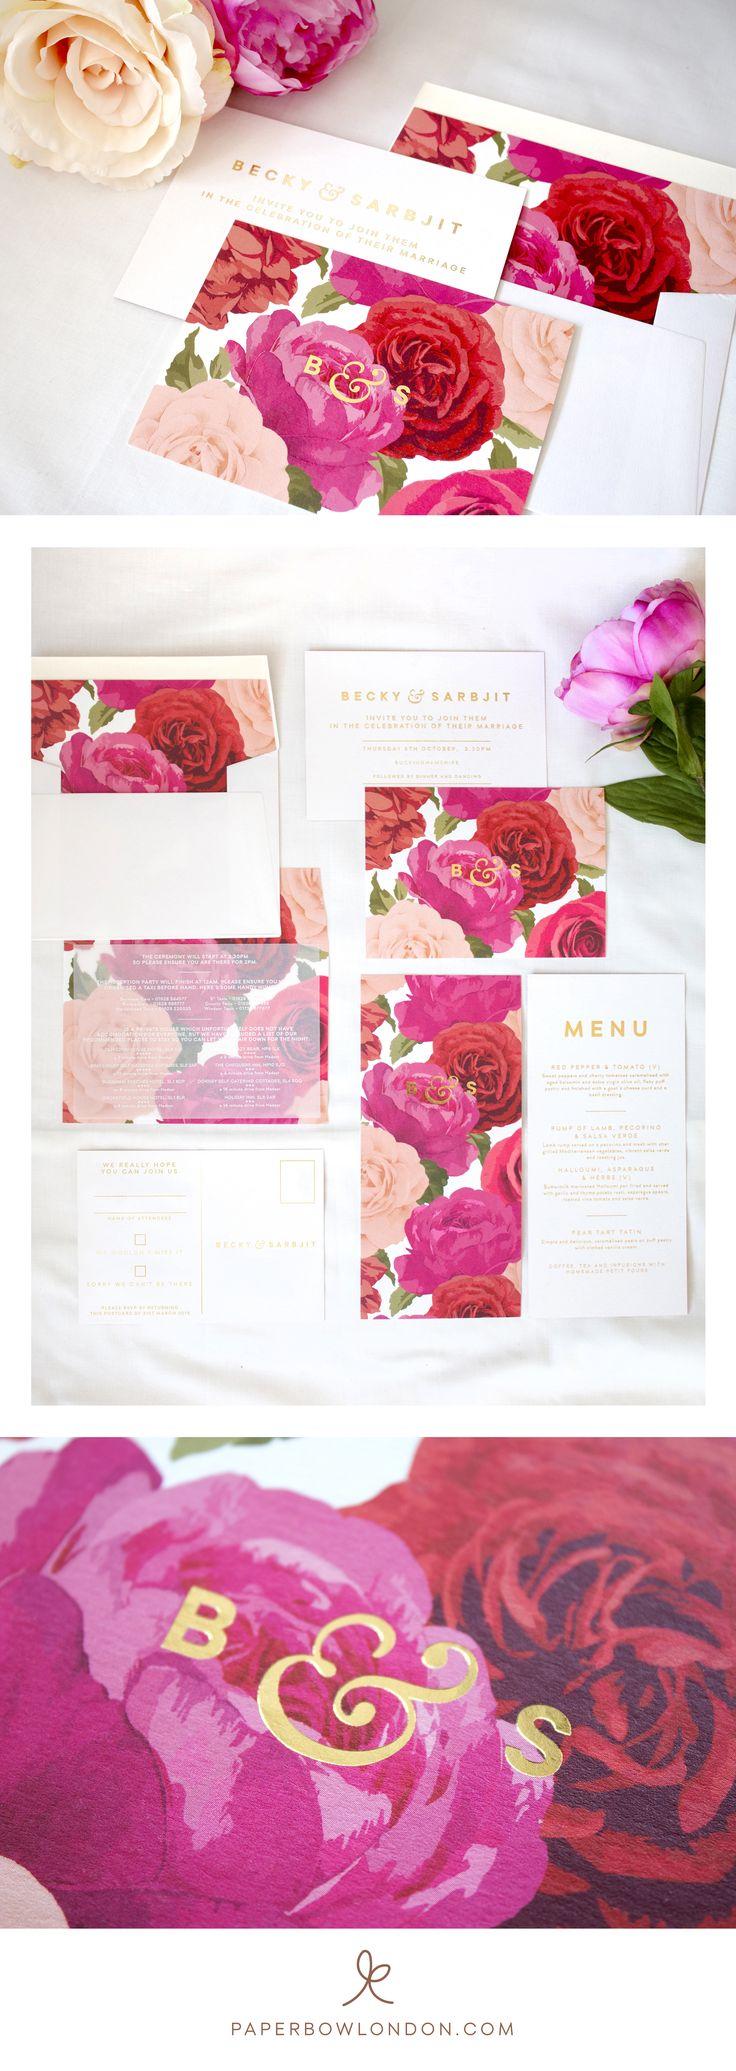 125 Best Design Invitation Cards Images On Pinterest Card Wedding